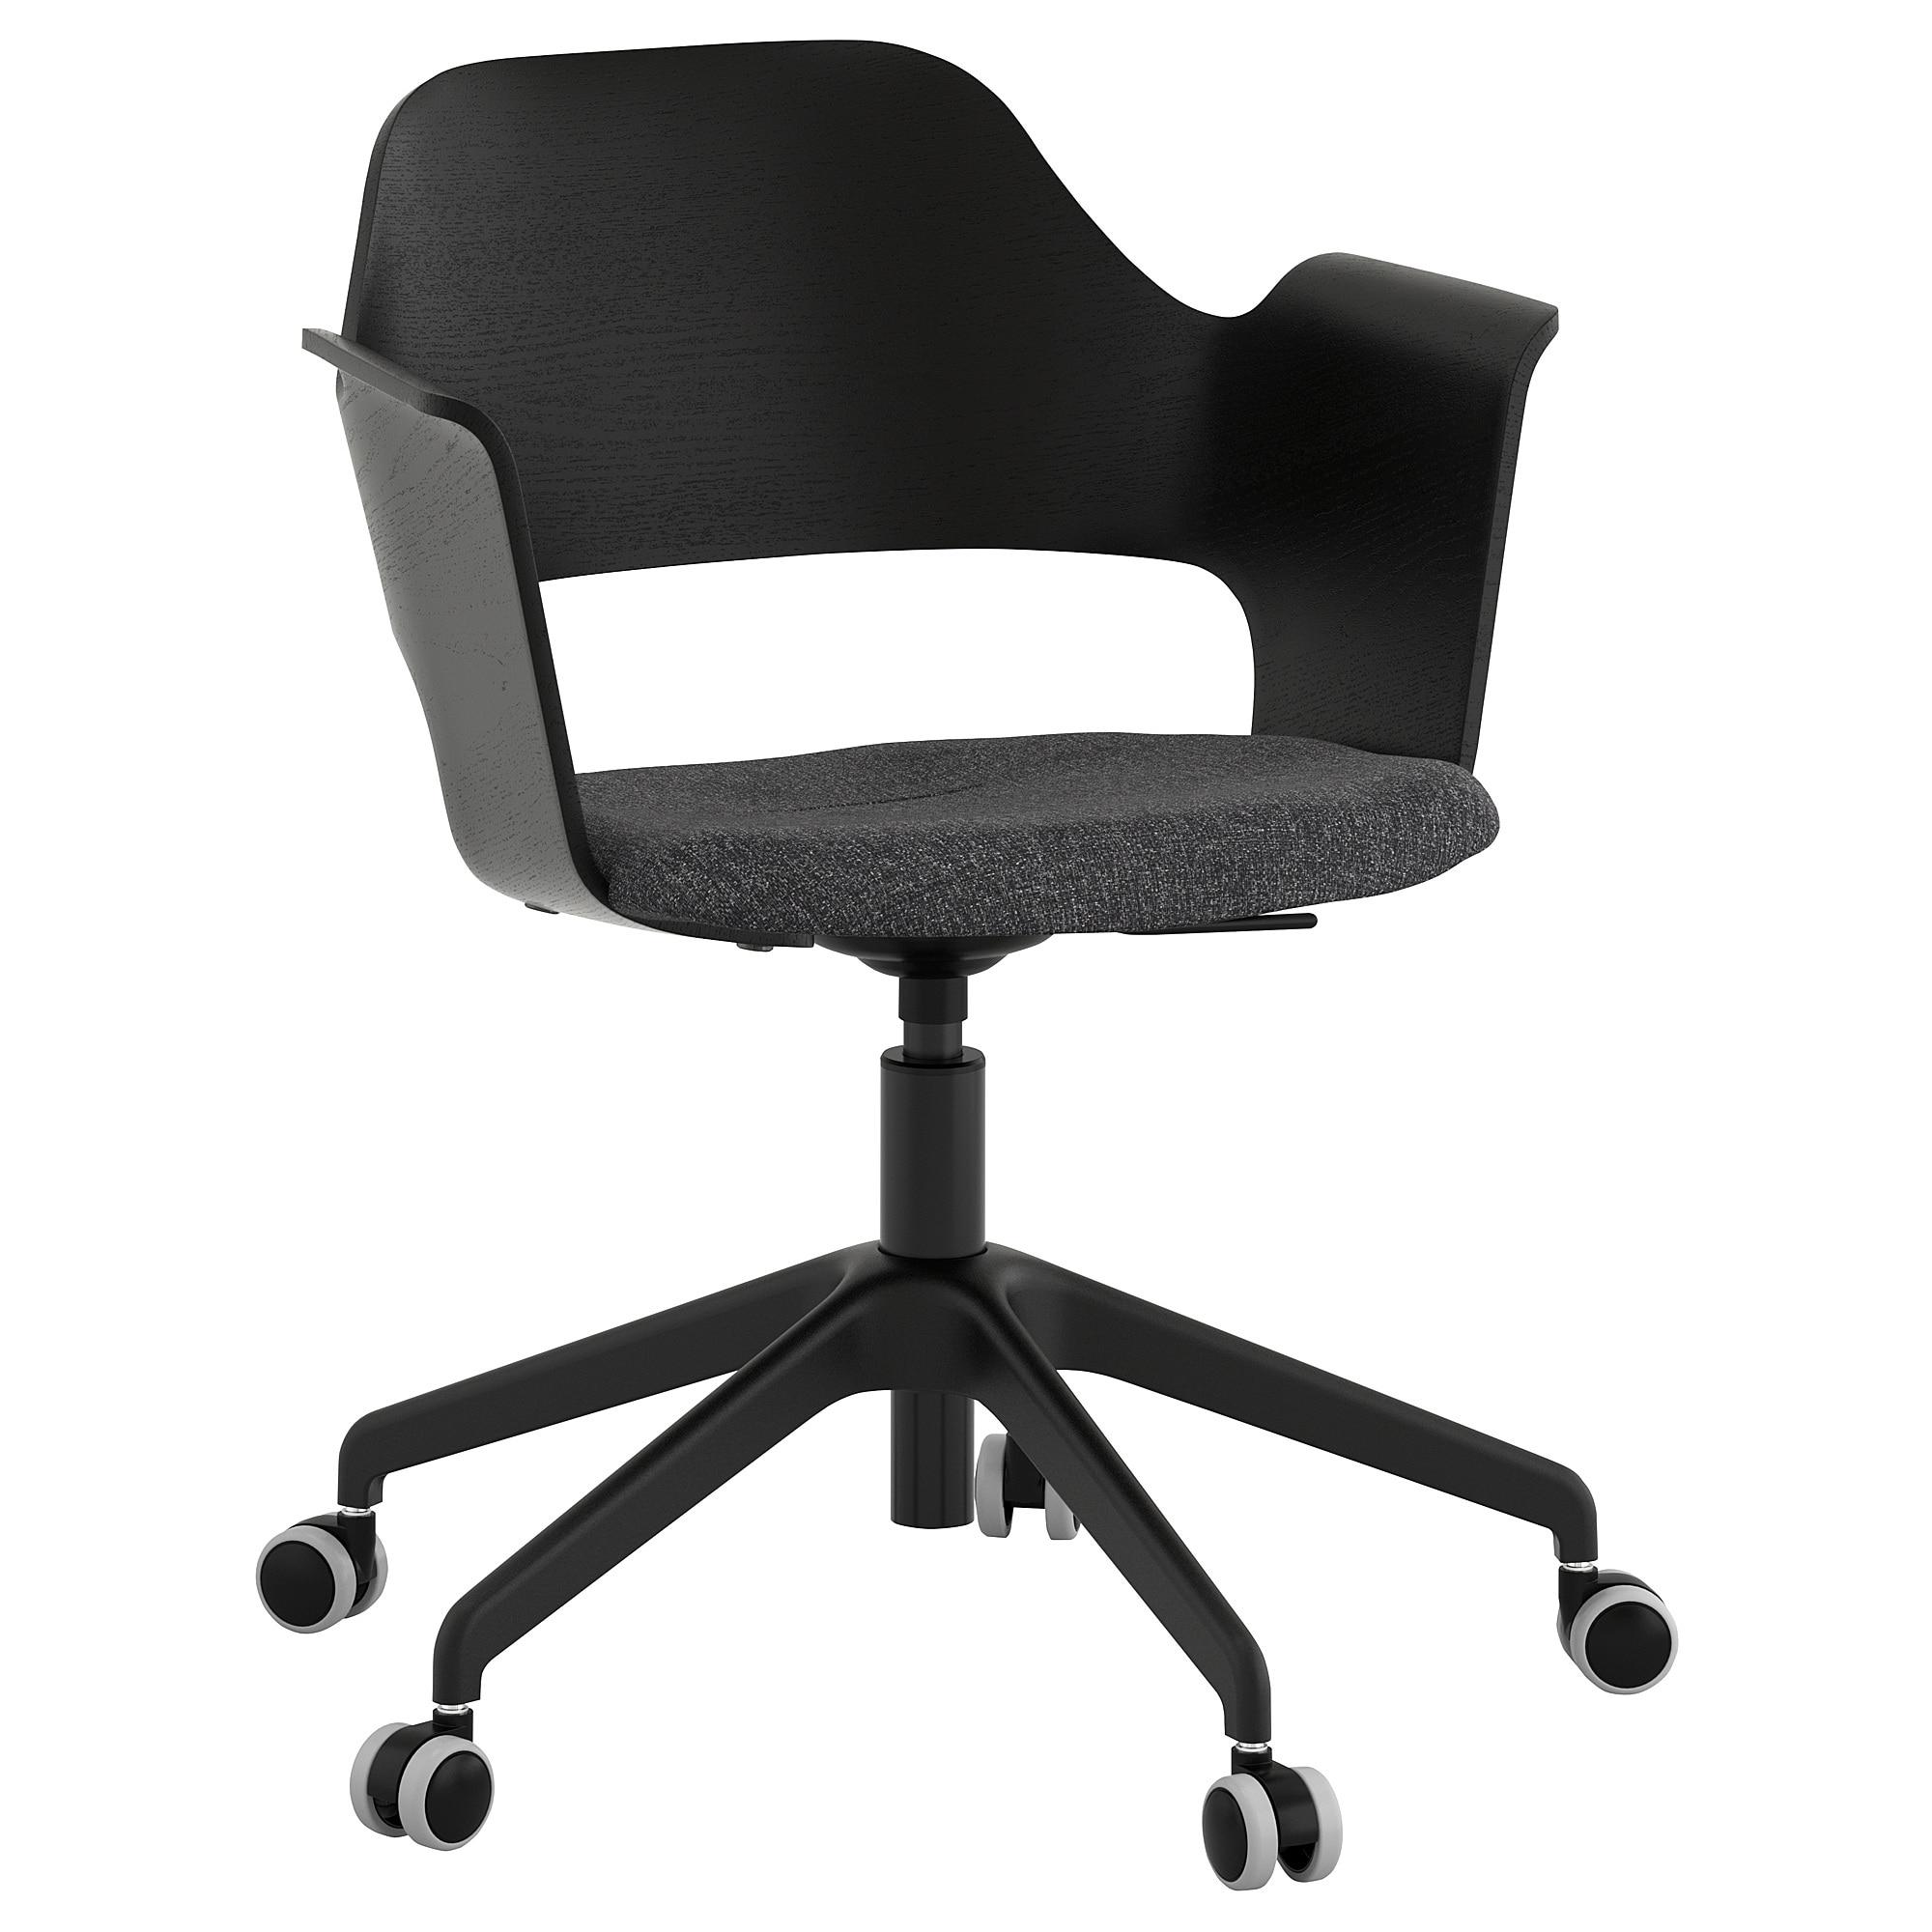 Sillas De Despacho Ikea Irdz Sillas De Oficina Y Sillas De Trabajo Pra Online Ikea